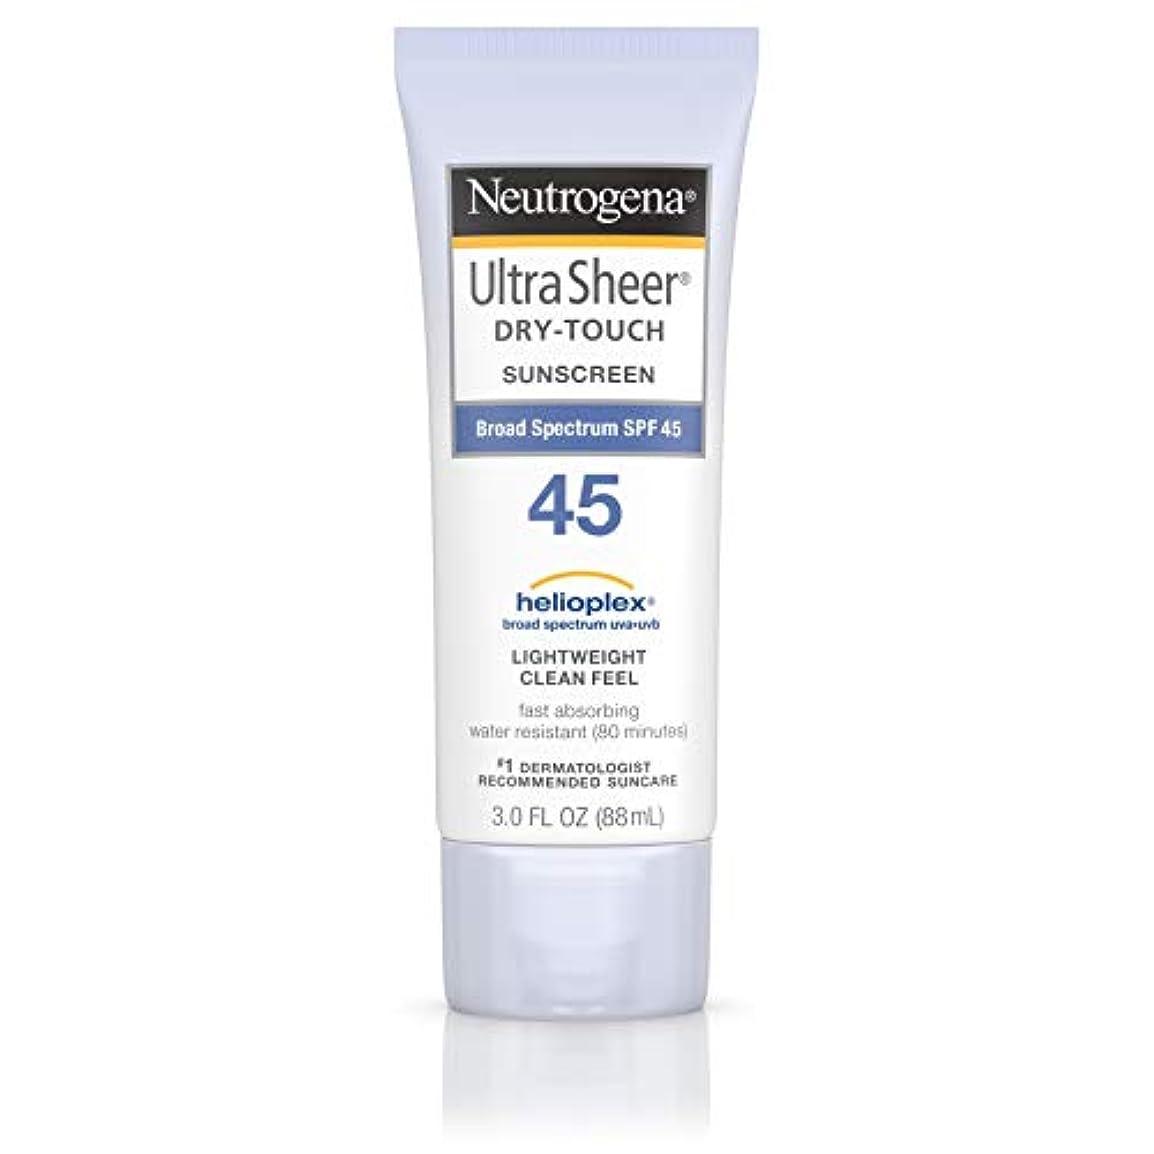 起きて色合いちらつき海外直送品 Neutrogena Neutrogena Ultra Sheer Dry-Touch Sunblock Spf 45【並行輸入品】